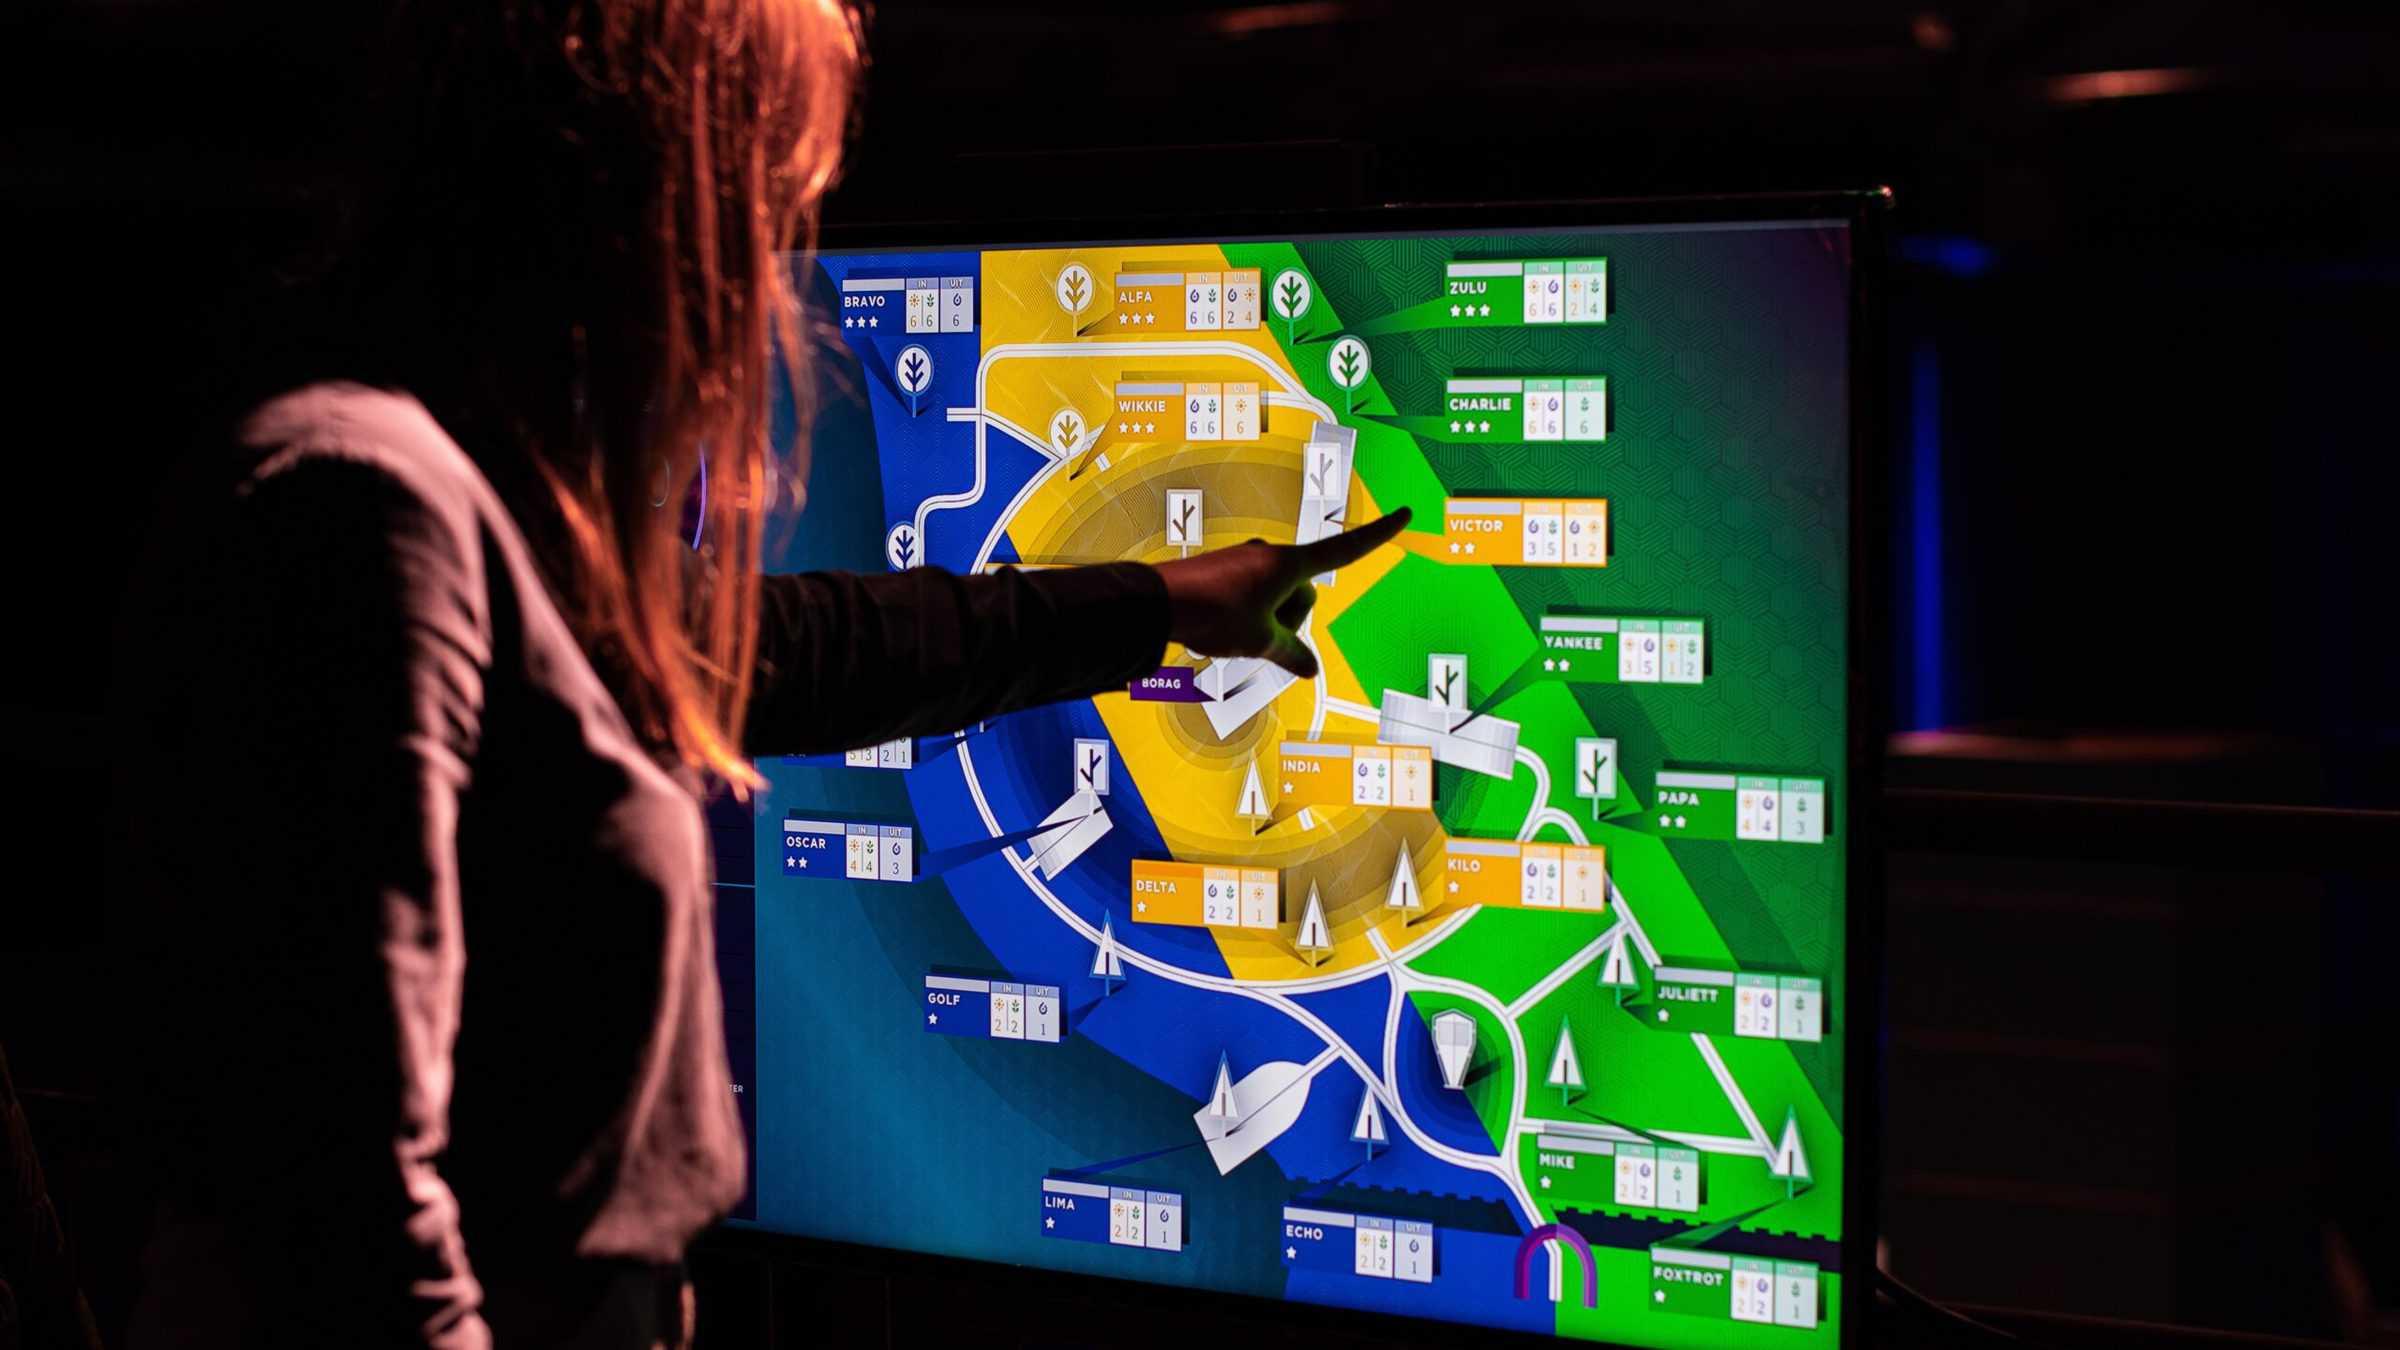 Moon Trees spel bij de Kartfabrique met een touchscreenpaneel met diverse kleuren en namen van spelers erop